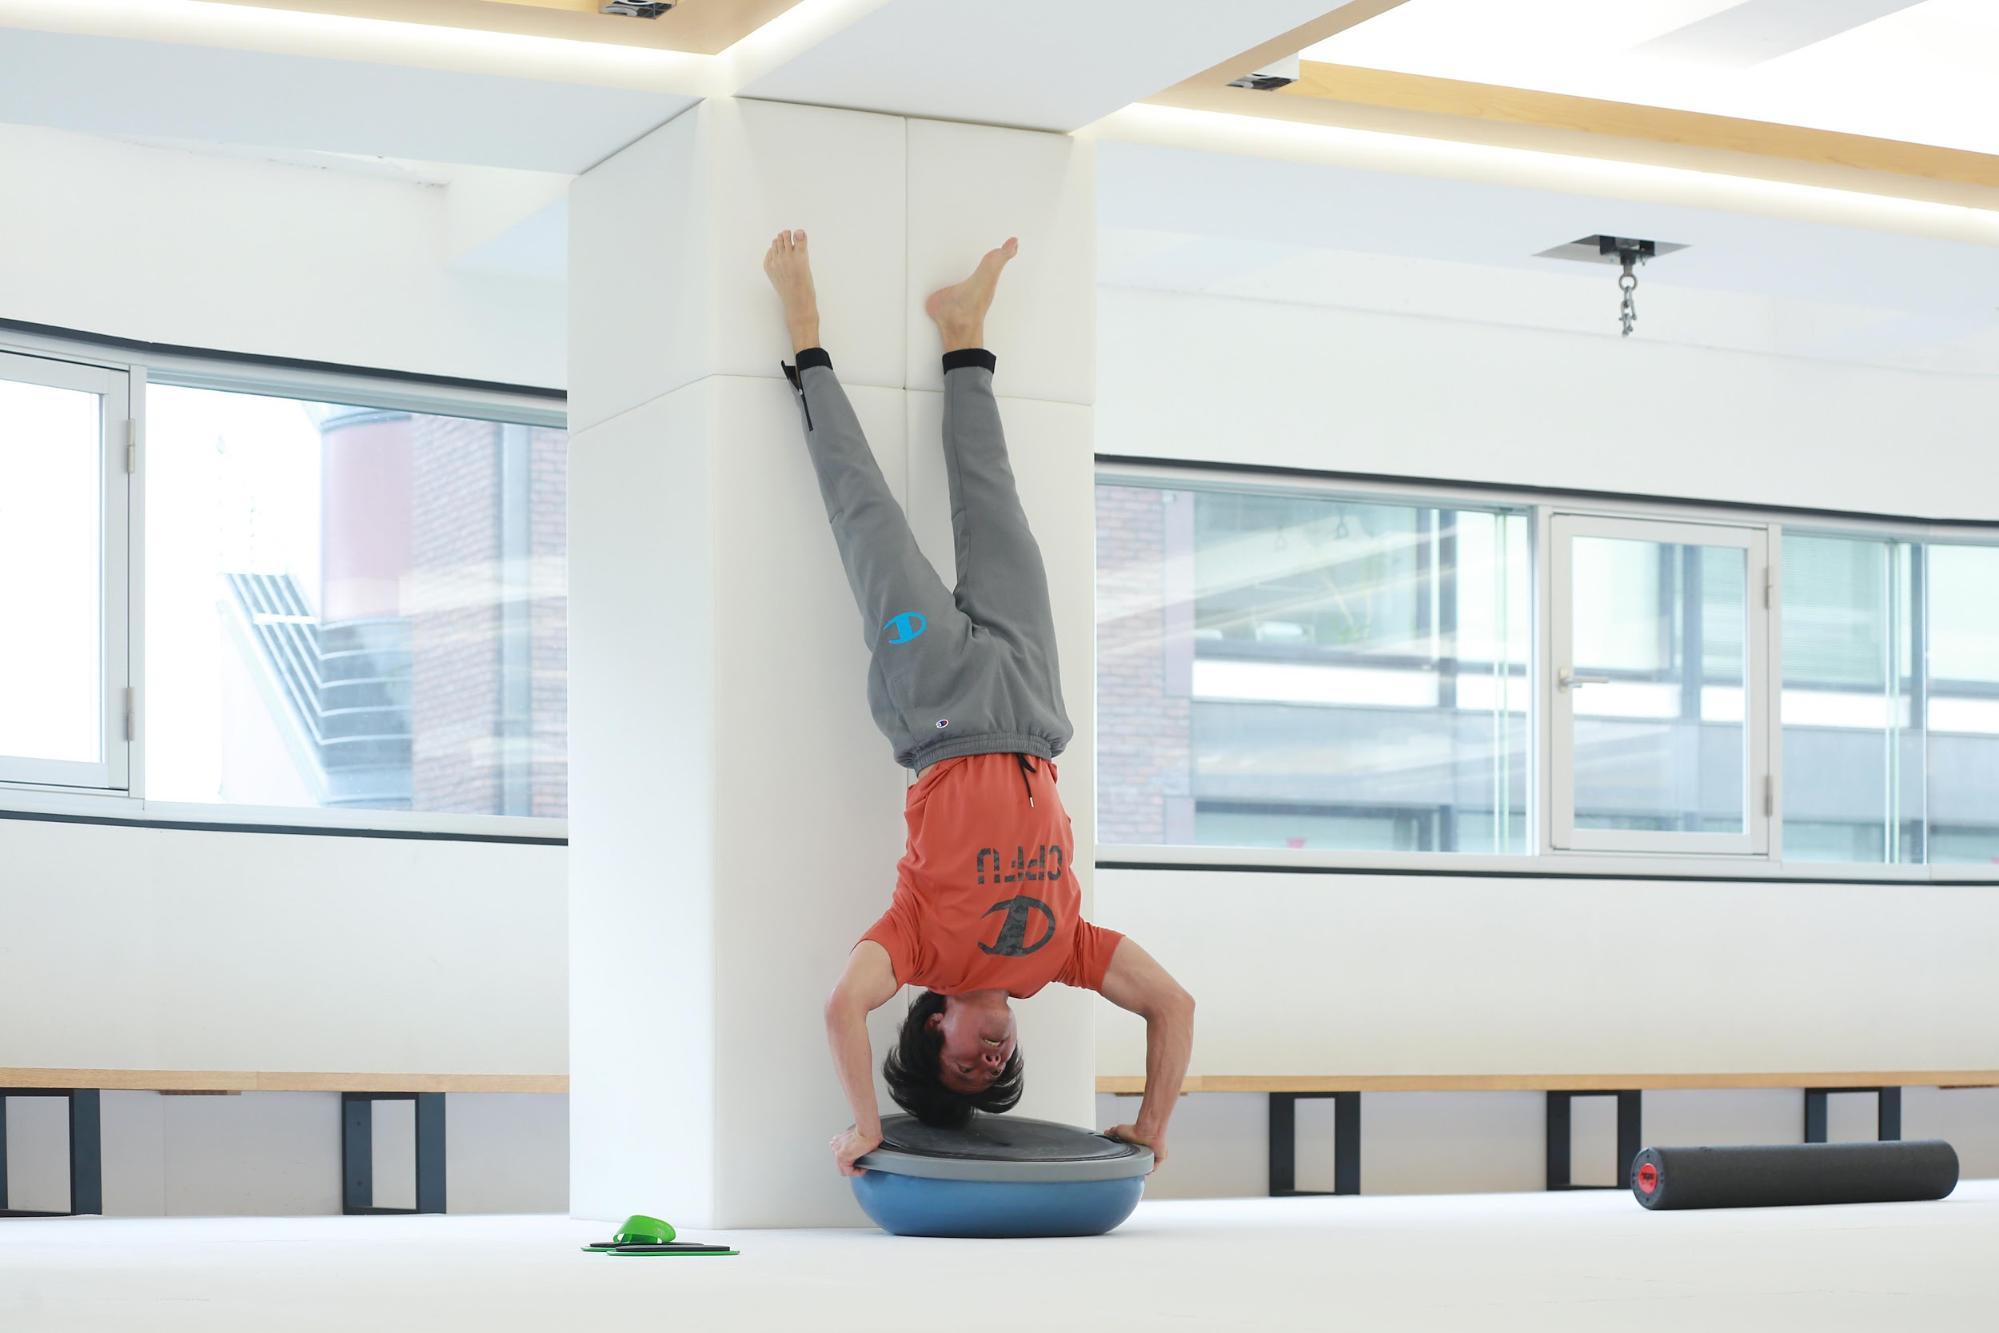 ケイン・コスギのゲームのための筋トレ術。ドーム状のトレーニングツール「BOSU プロバランストレーナー」を使って逆立ち腕立て伏せをすると、より効果的。